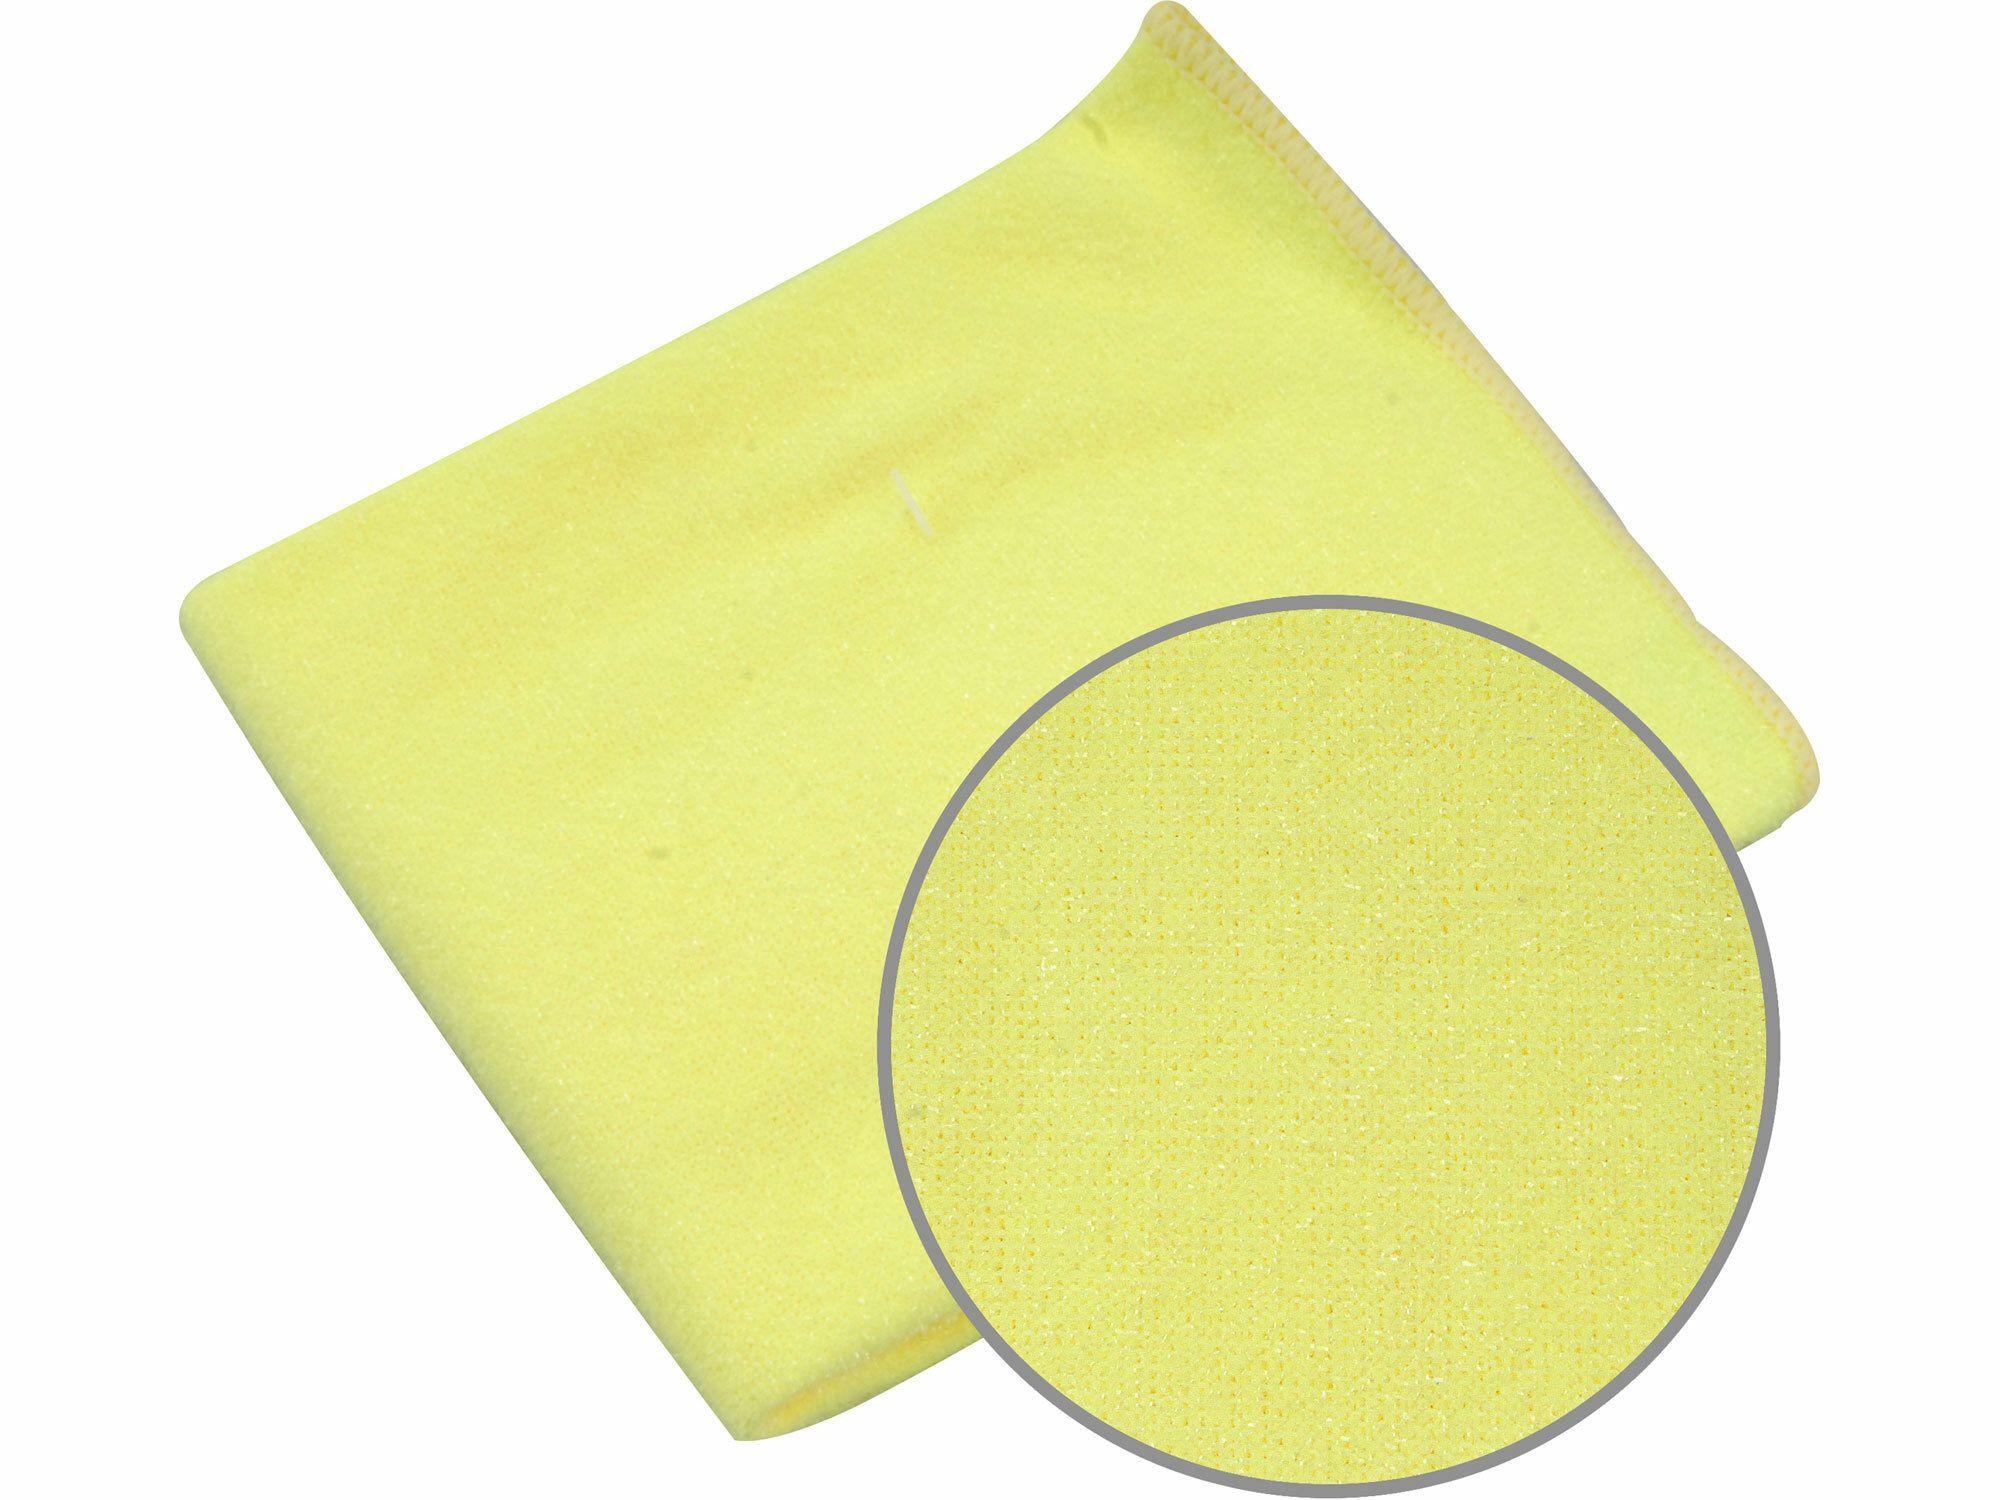 Utěrka univerzální se zdrsněným povrchem, 30x30cm, mikrovlákno